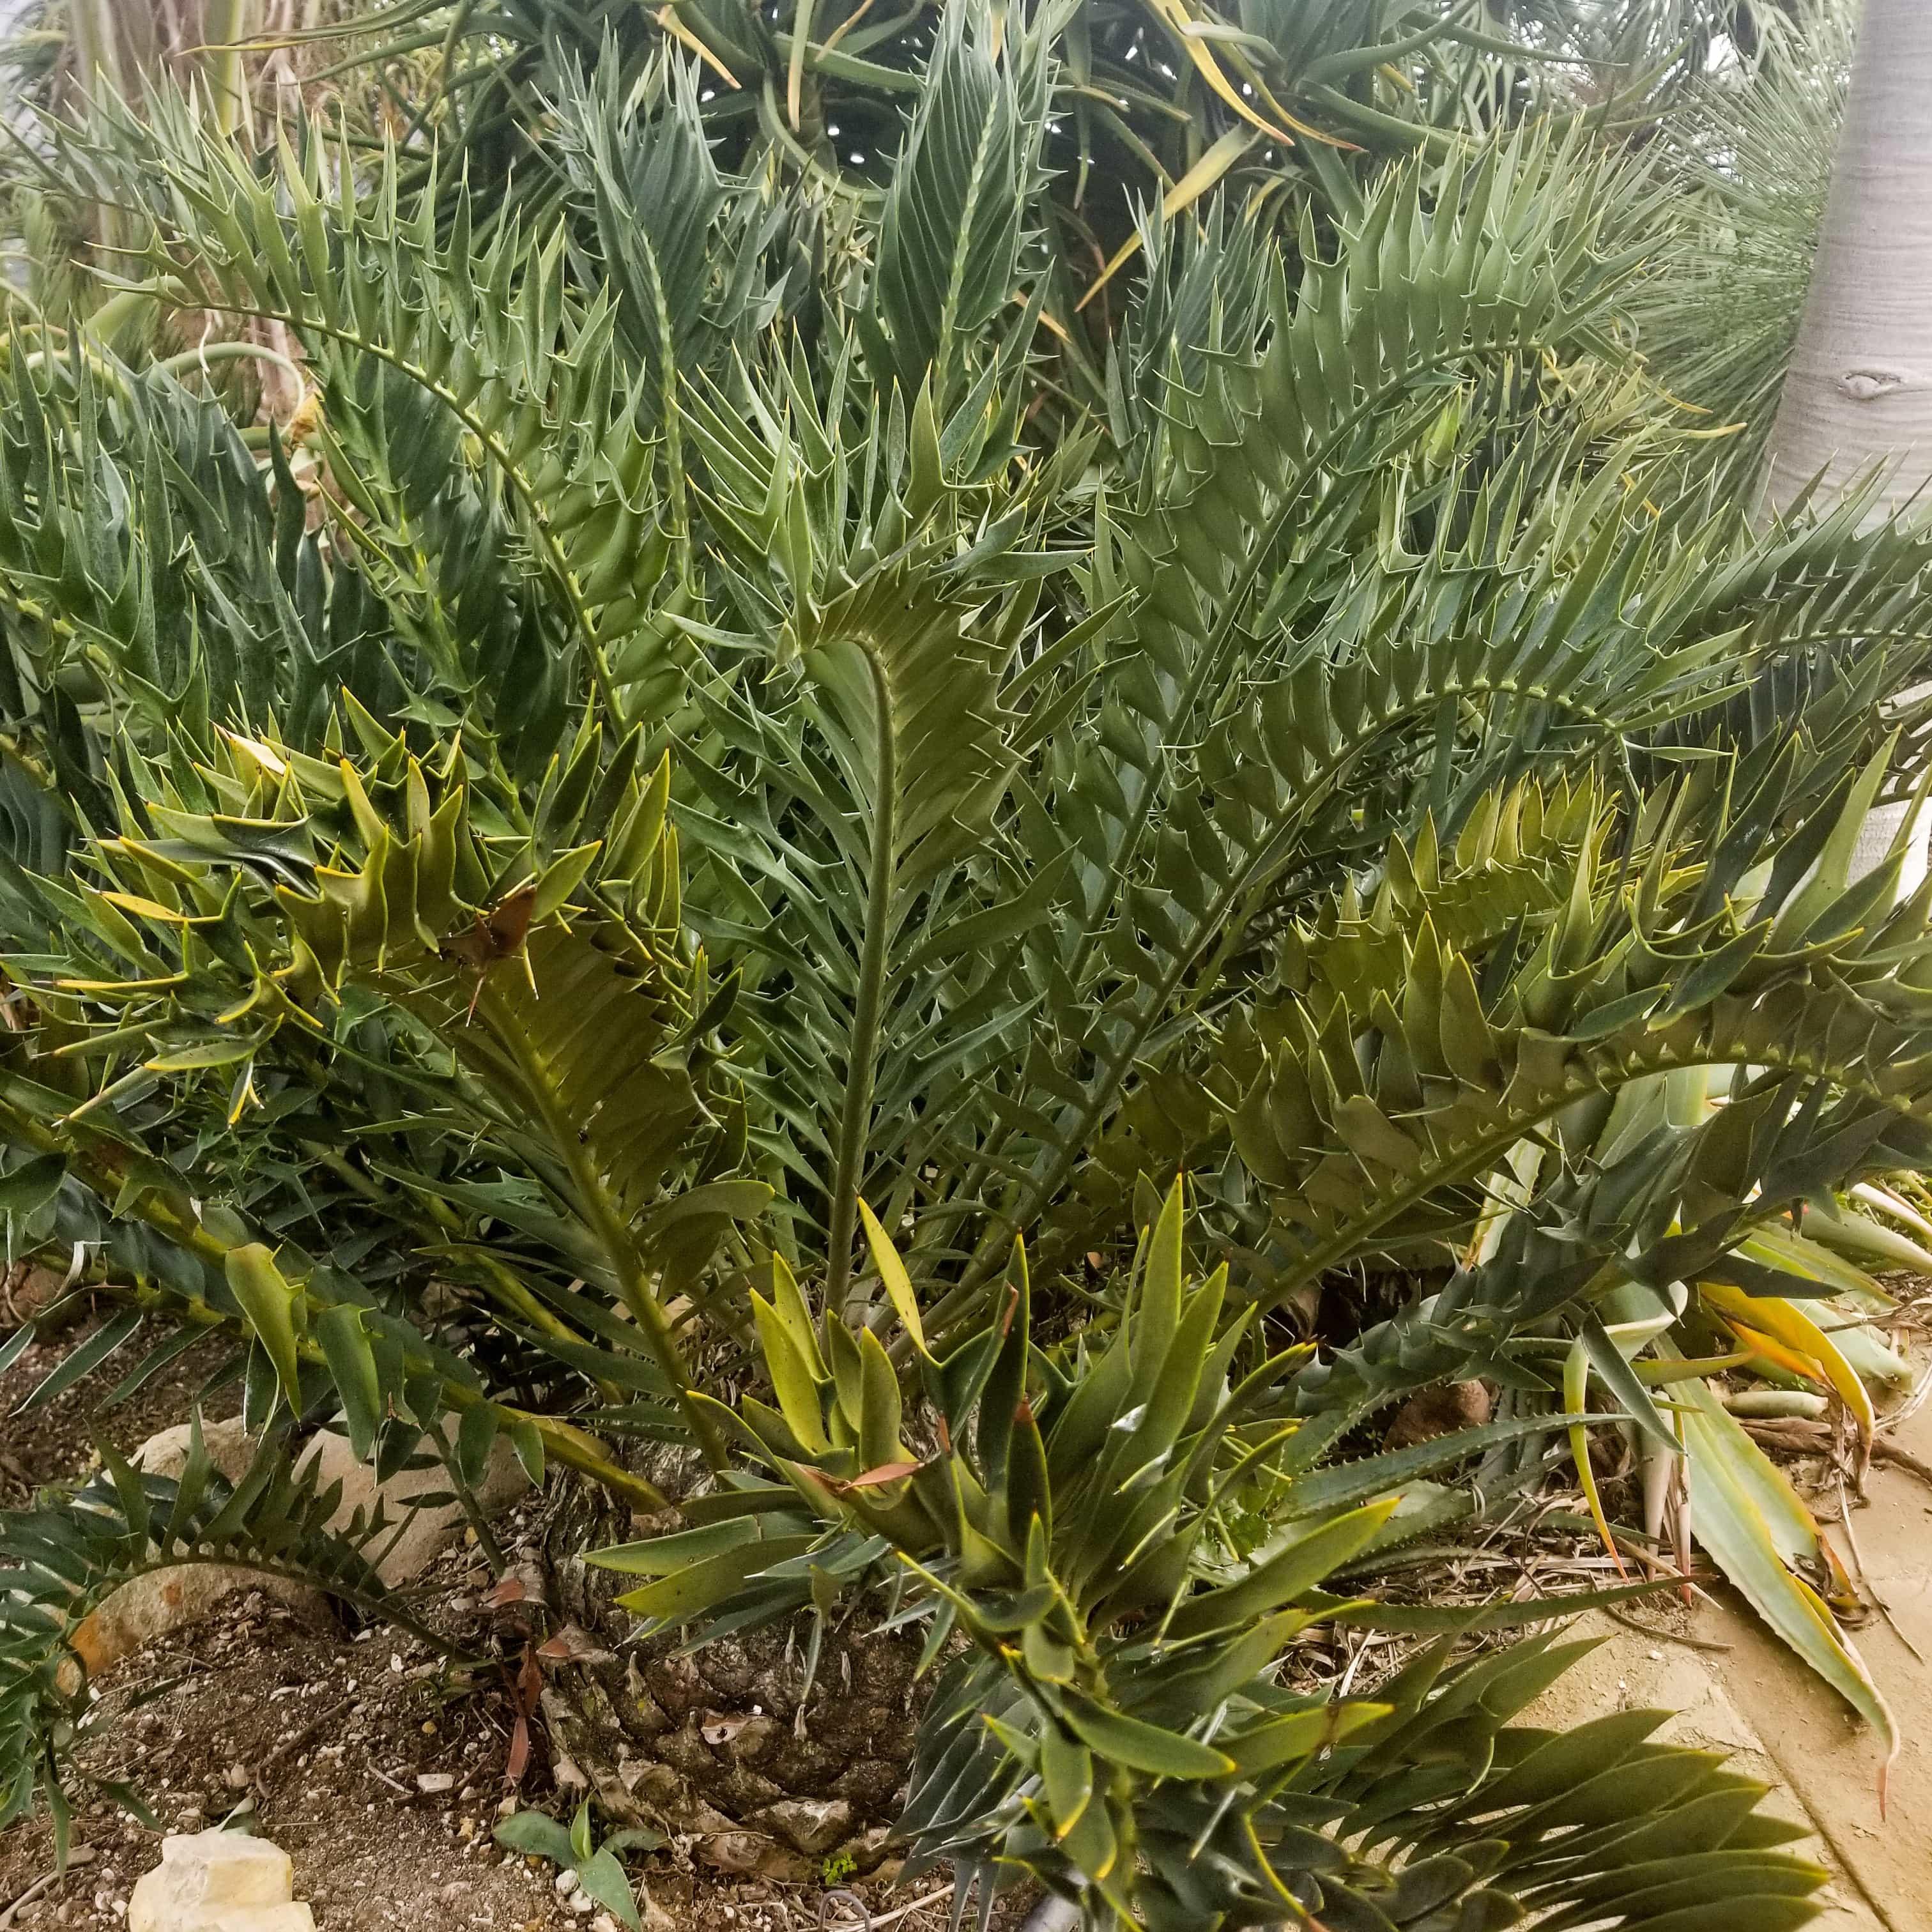 Encephalartos horridus x longifolius